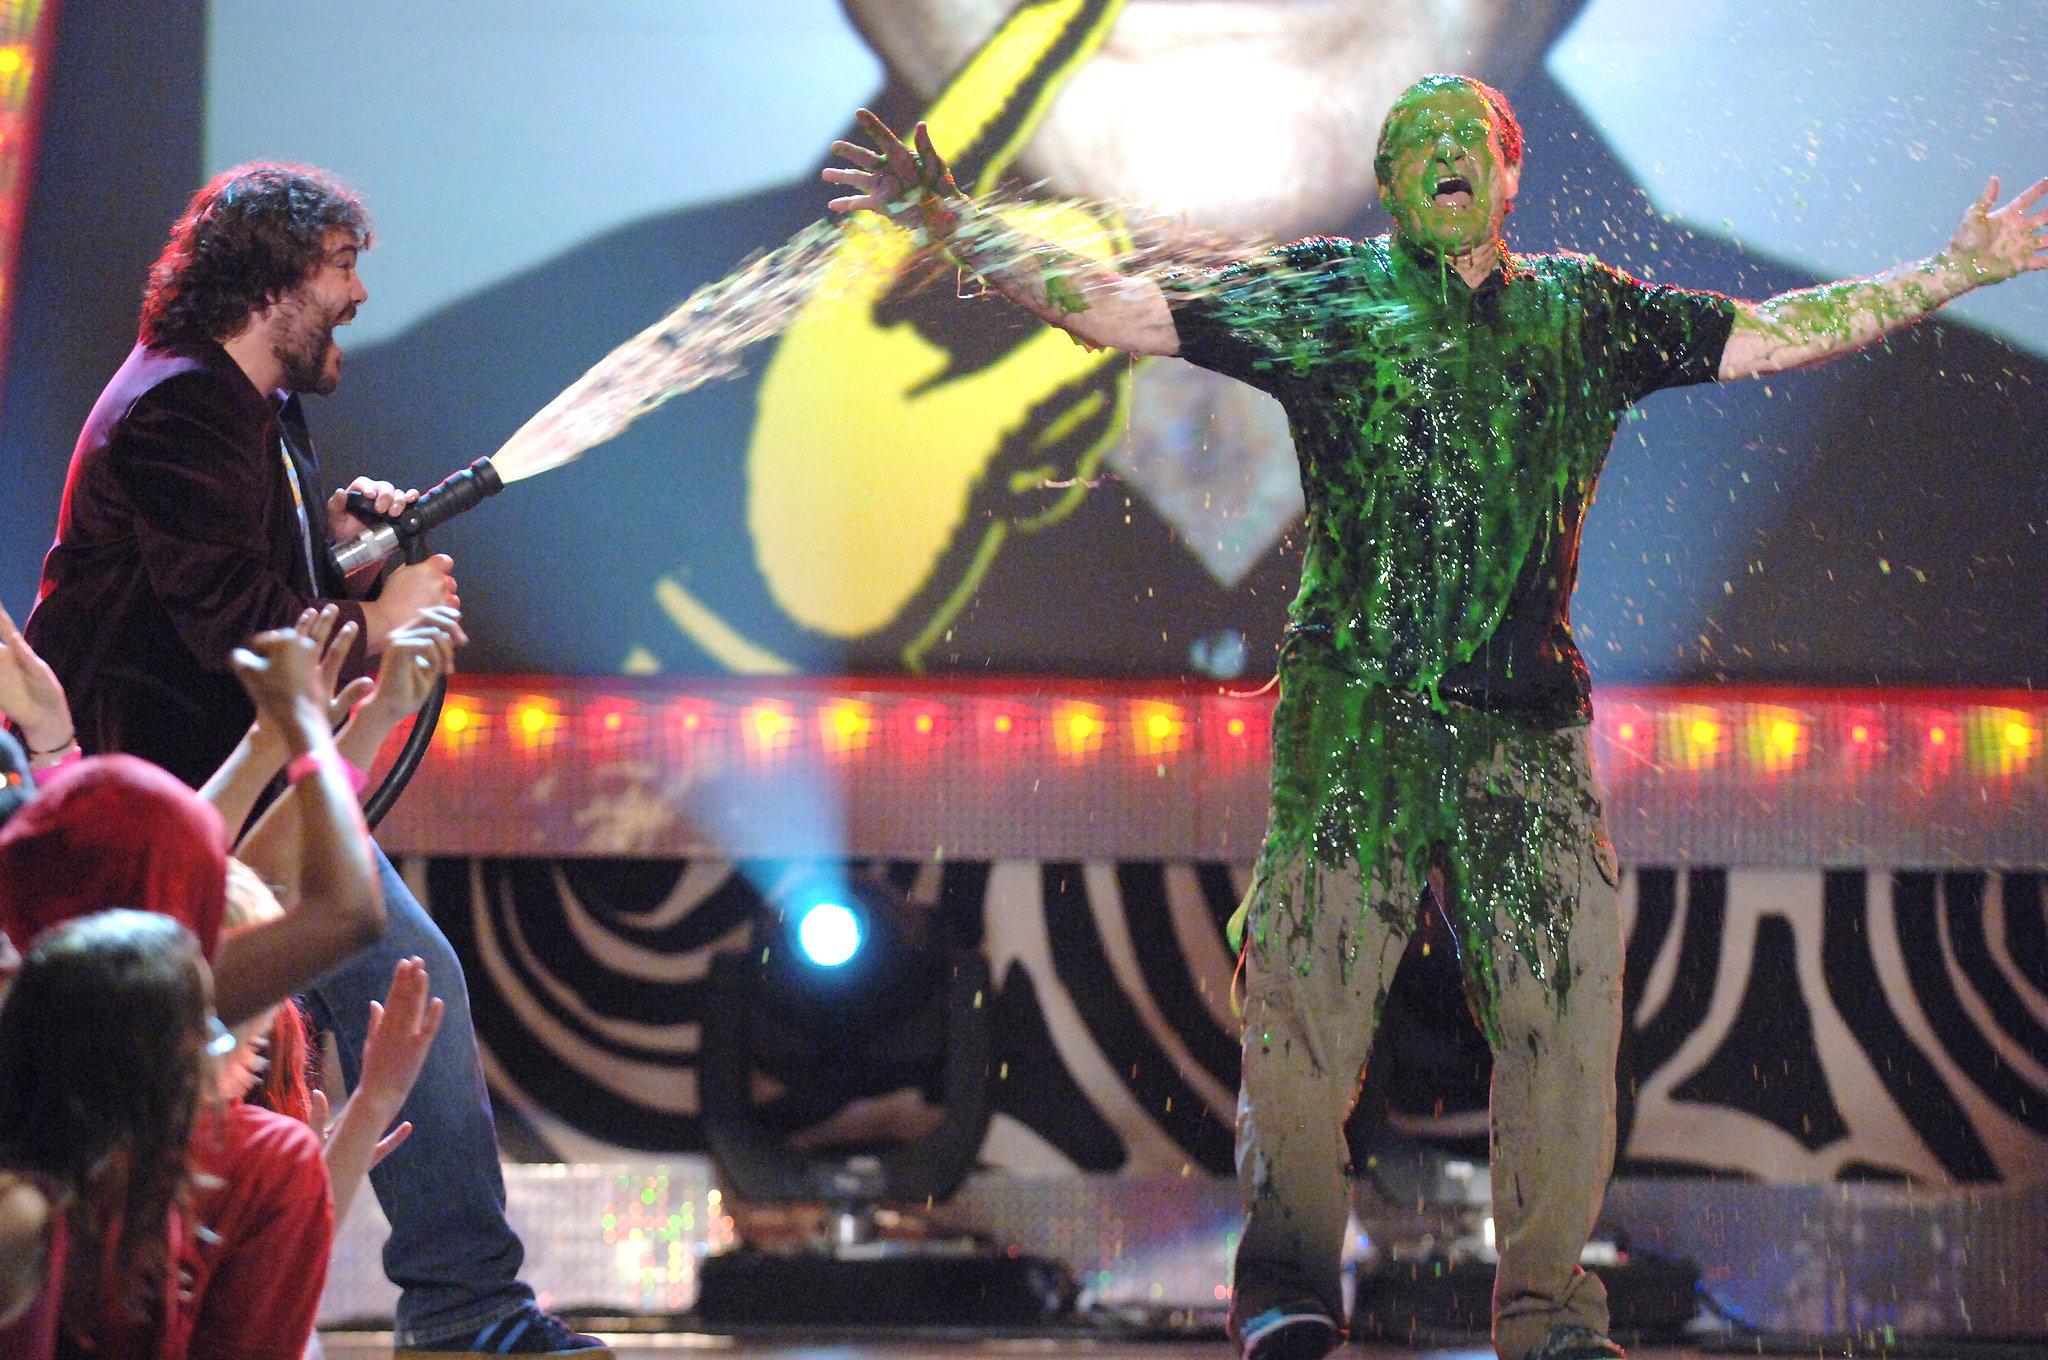 Jack Black sprayed slime at Robin Williams in 2006.